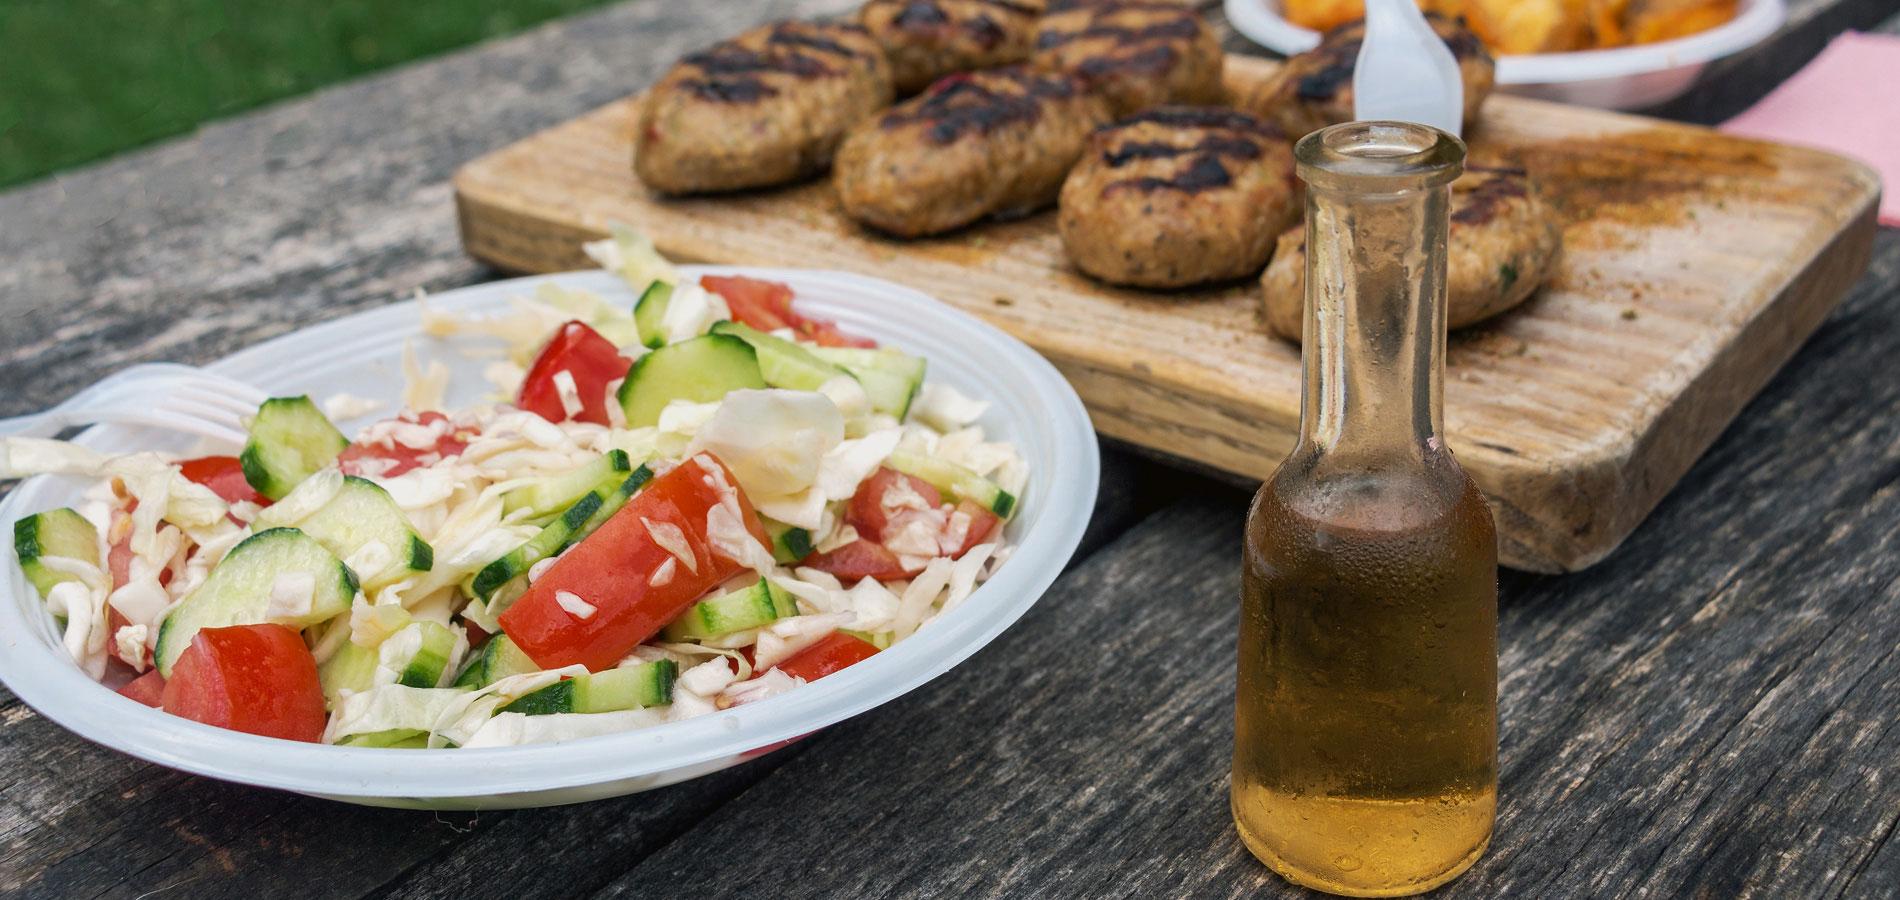 Lunch at Rakija Grill